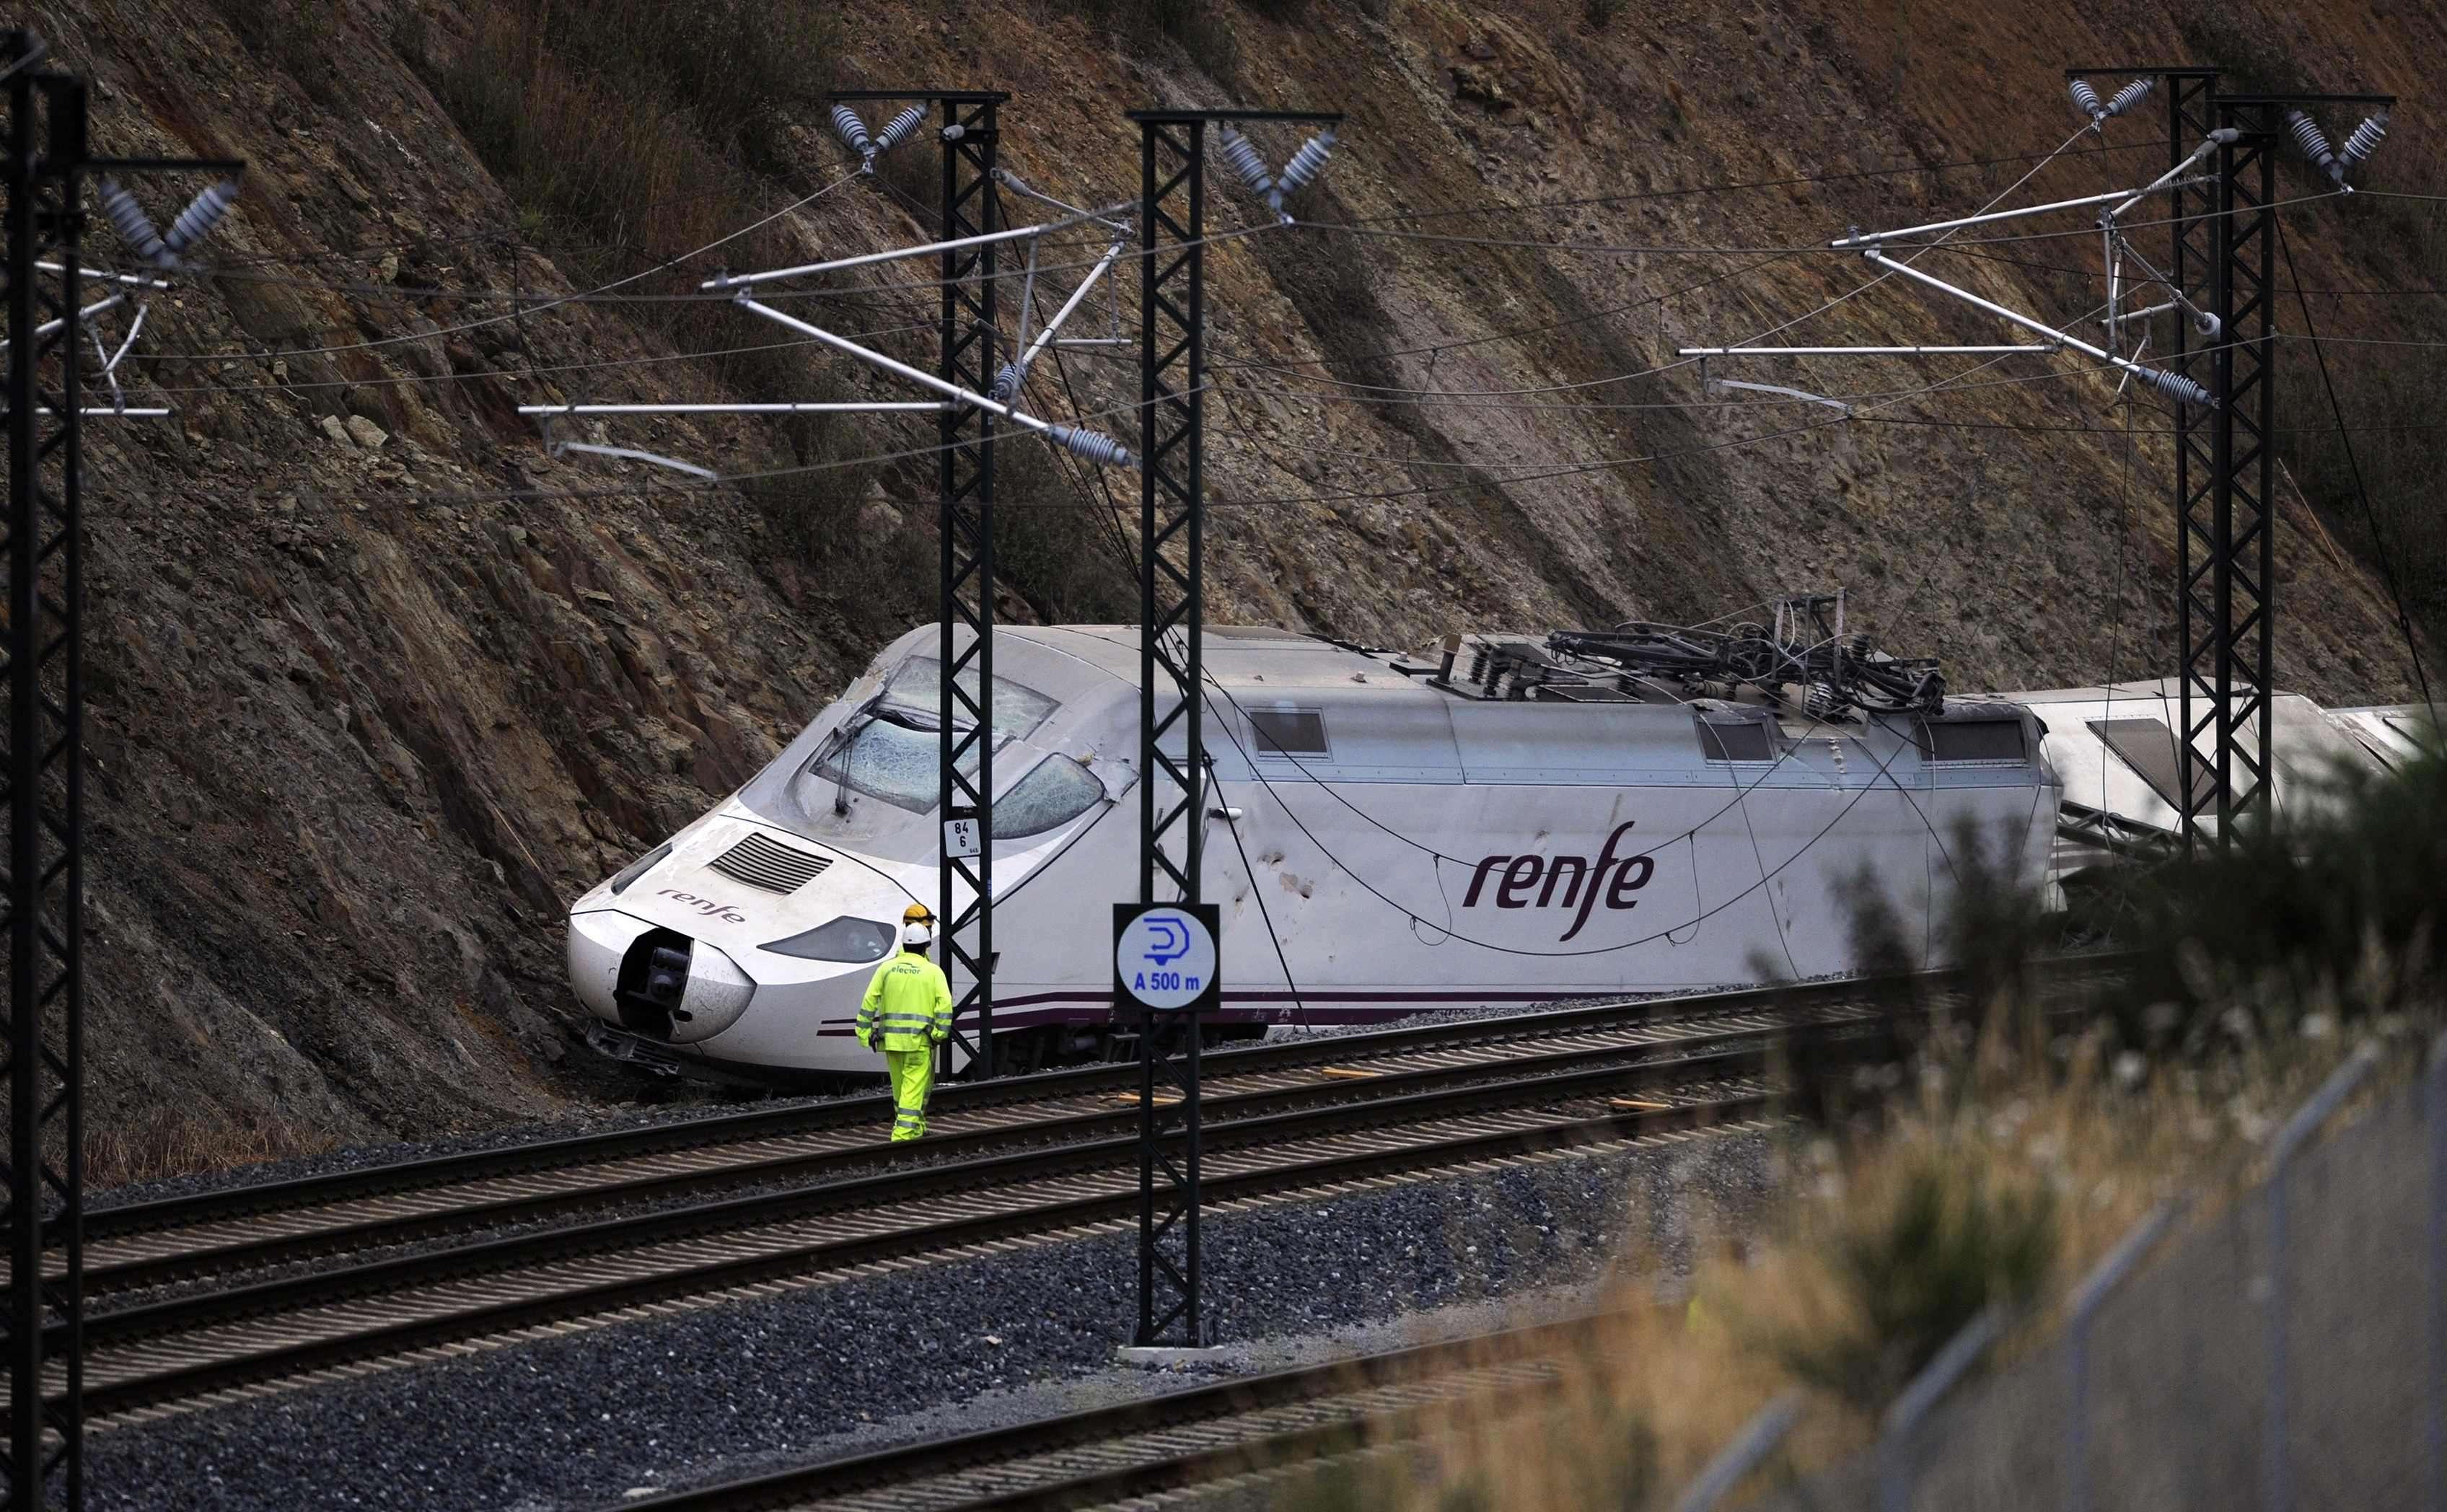 La máquina del tren Alvia siniestrado en Santiago de Compostela permanece sobre una de las cunetas de la vía ferroviaria Foto: Reuters en español